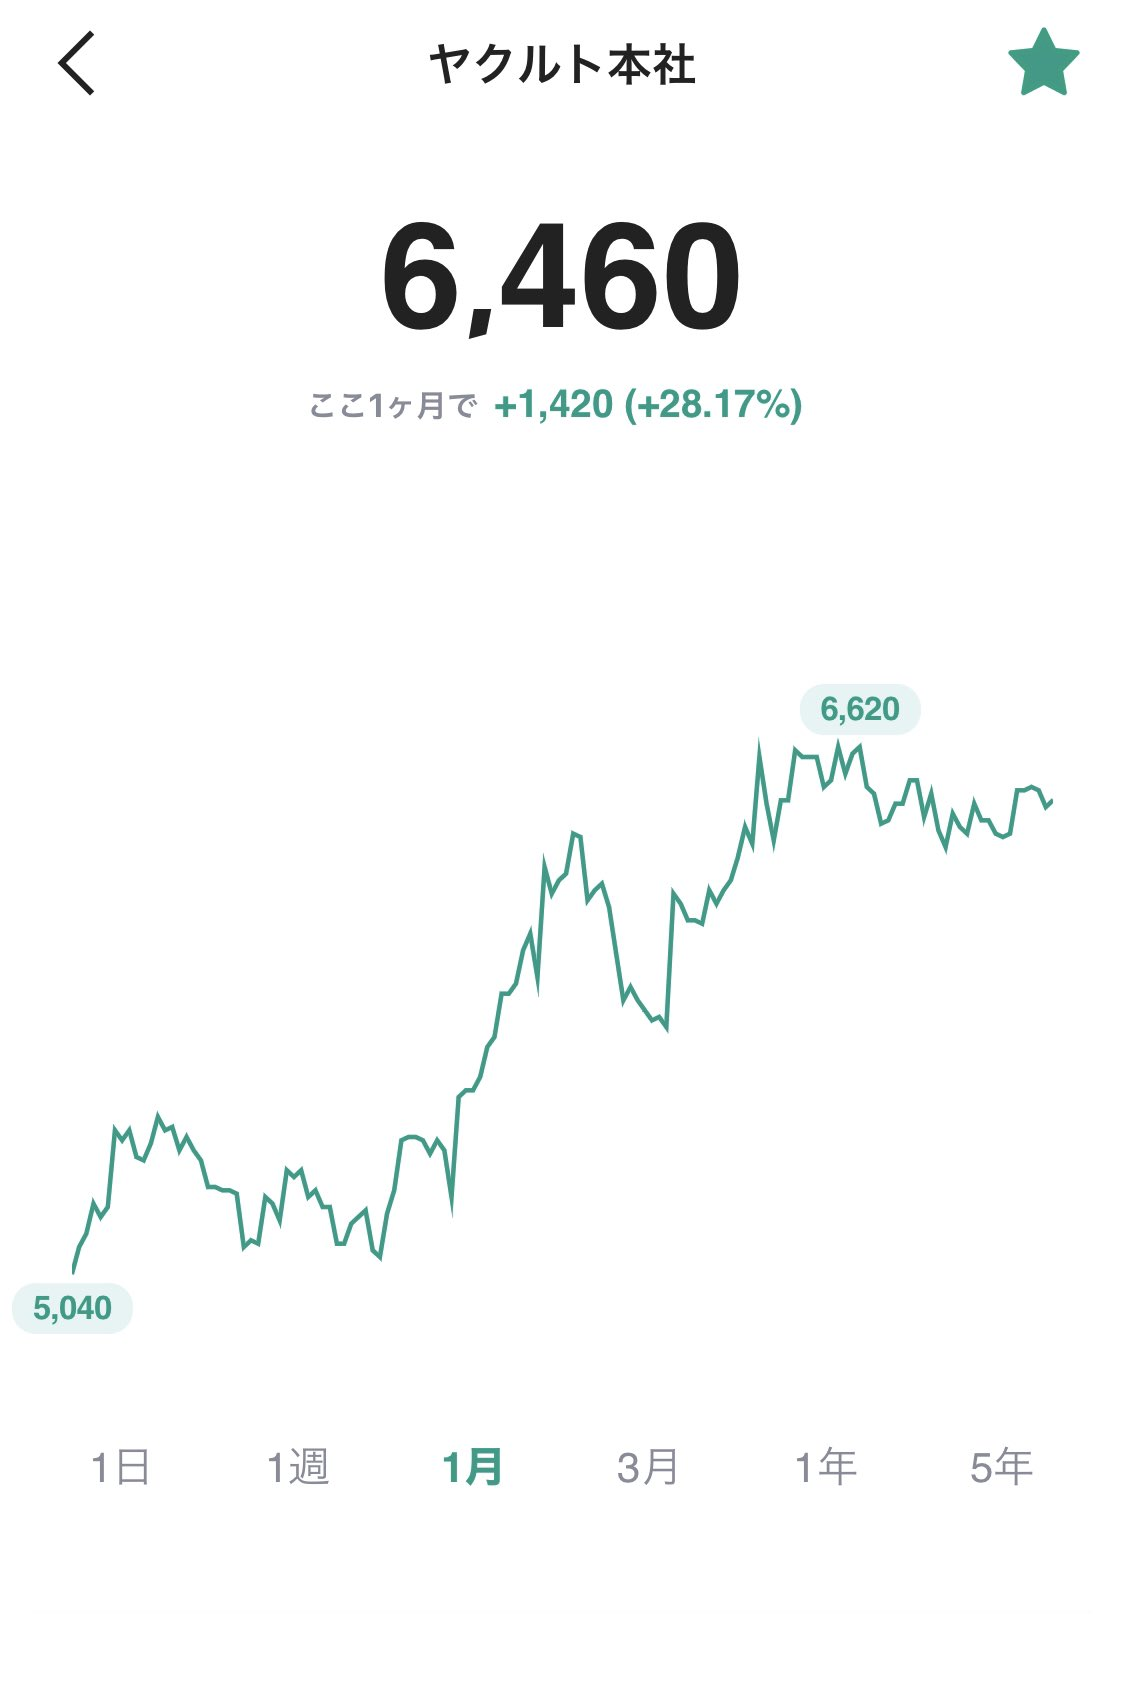 株価 ヤクルト